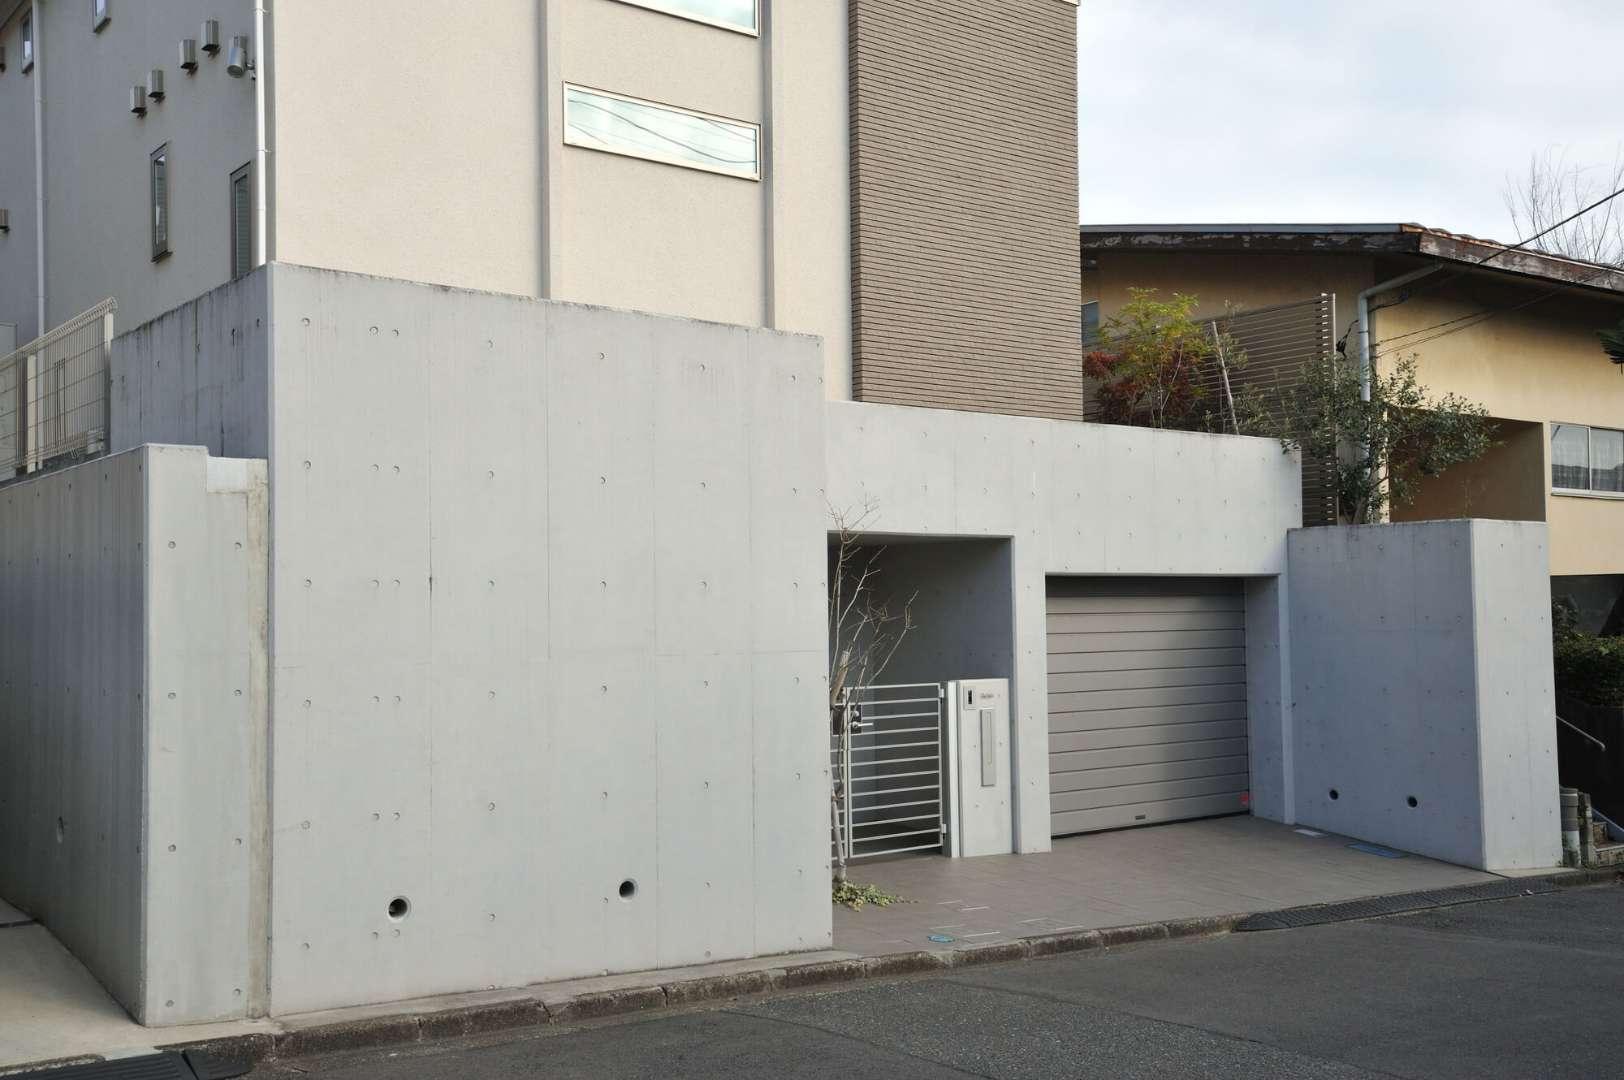 エクステリアデザインで プライバシーを守りながら魅力的な佇まいに カーポートやウッドデッキ等の外構エクステリア工事は 茨城県水戸市に拠点を構える中郡工業へ